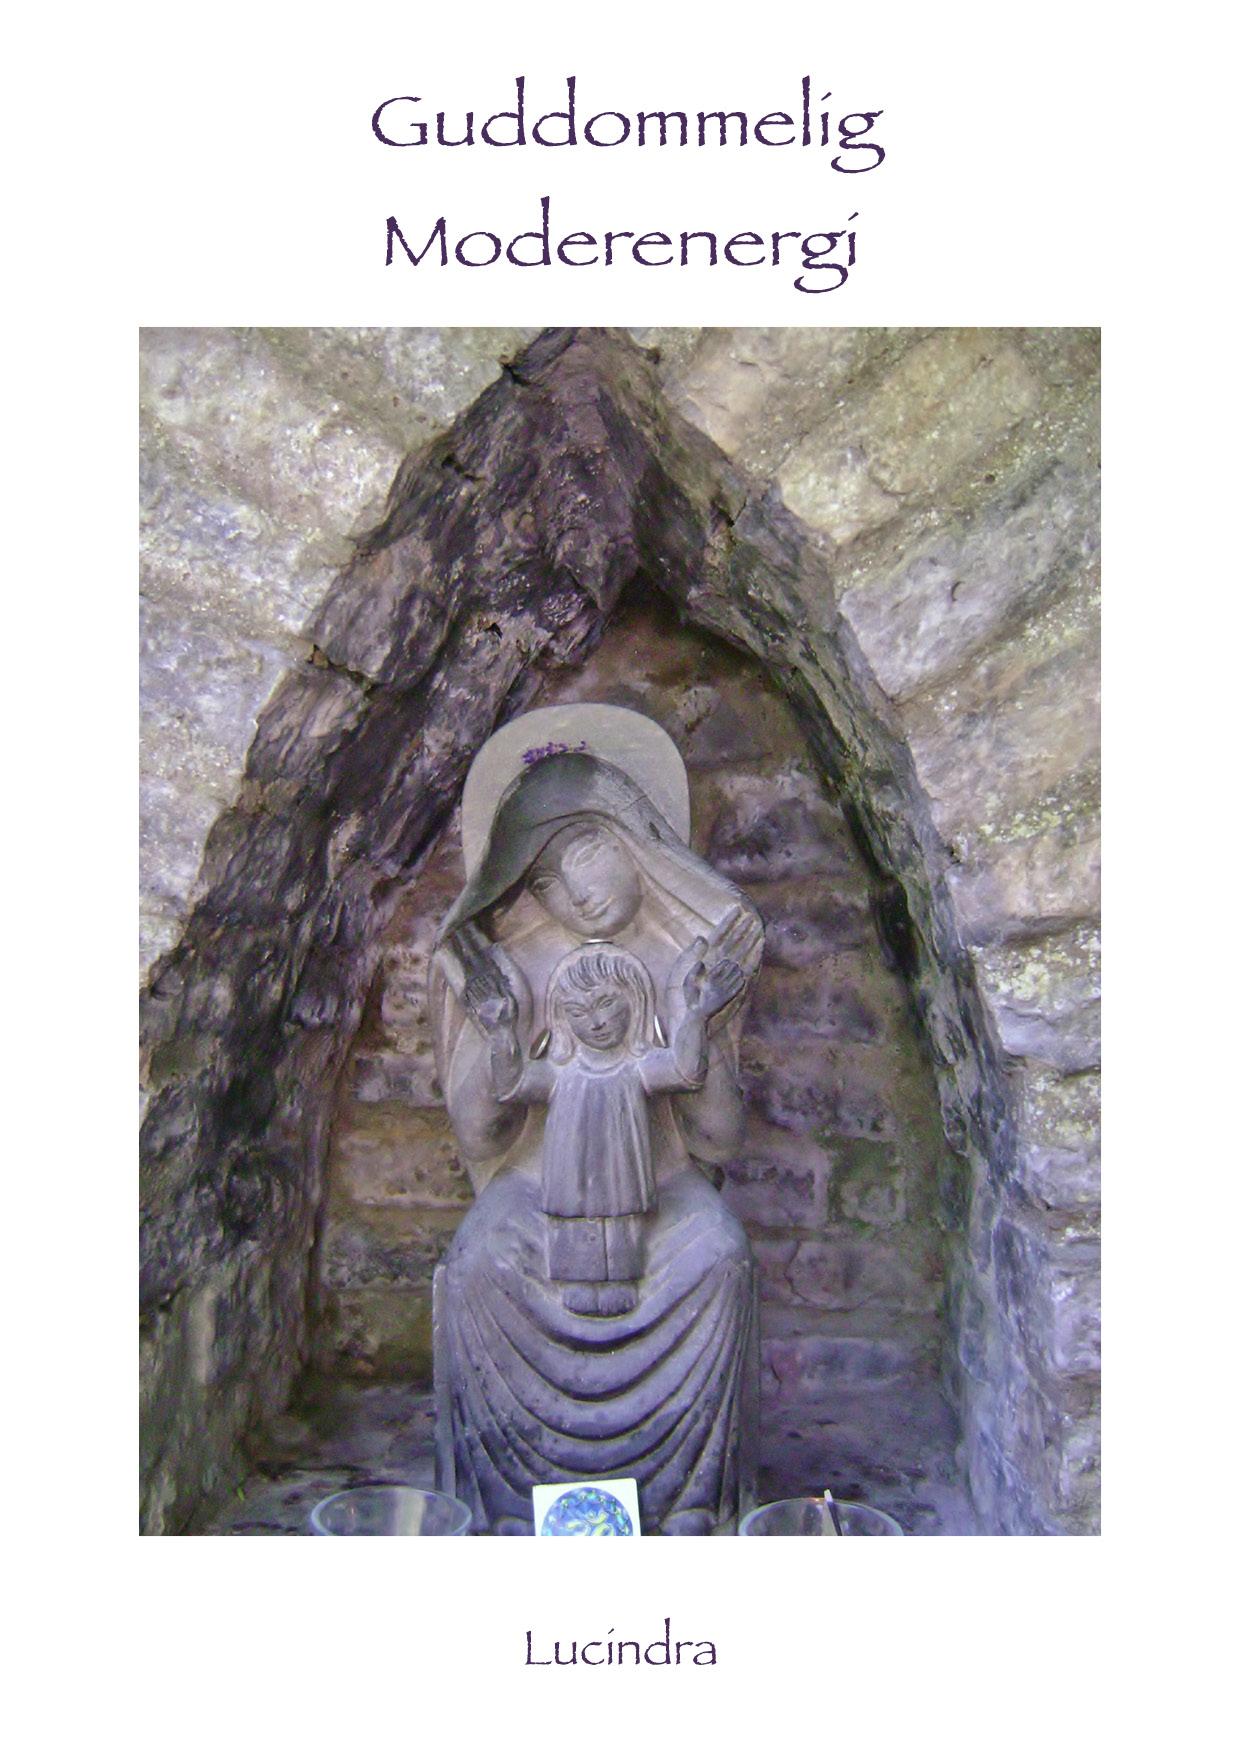 Guddommelig moderenergi - e-bog fra N/A på bog & mystik